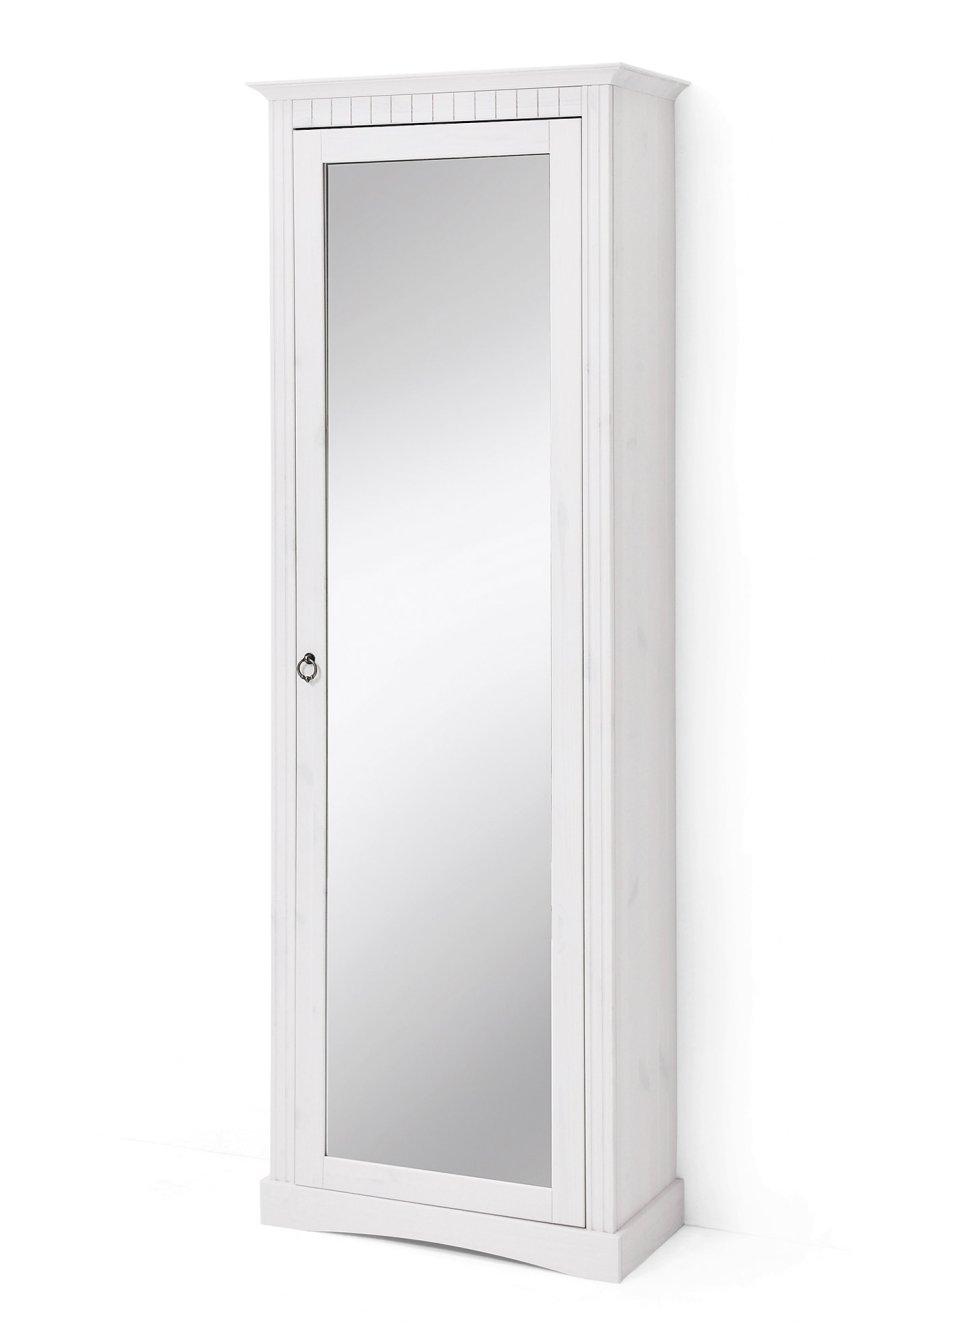 zwei in einem schuhschrank mit spiegel neapel wei mit spiegel. Black Bedroom Furniture Sets. Home Design Ideas